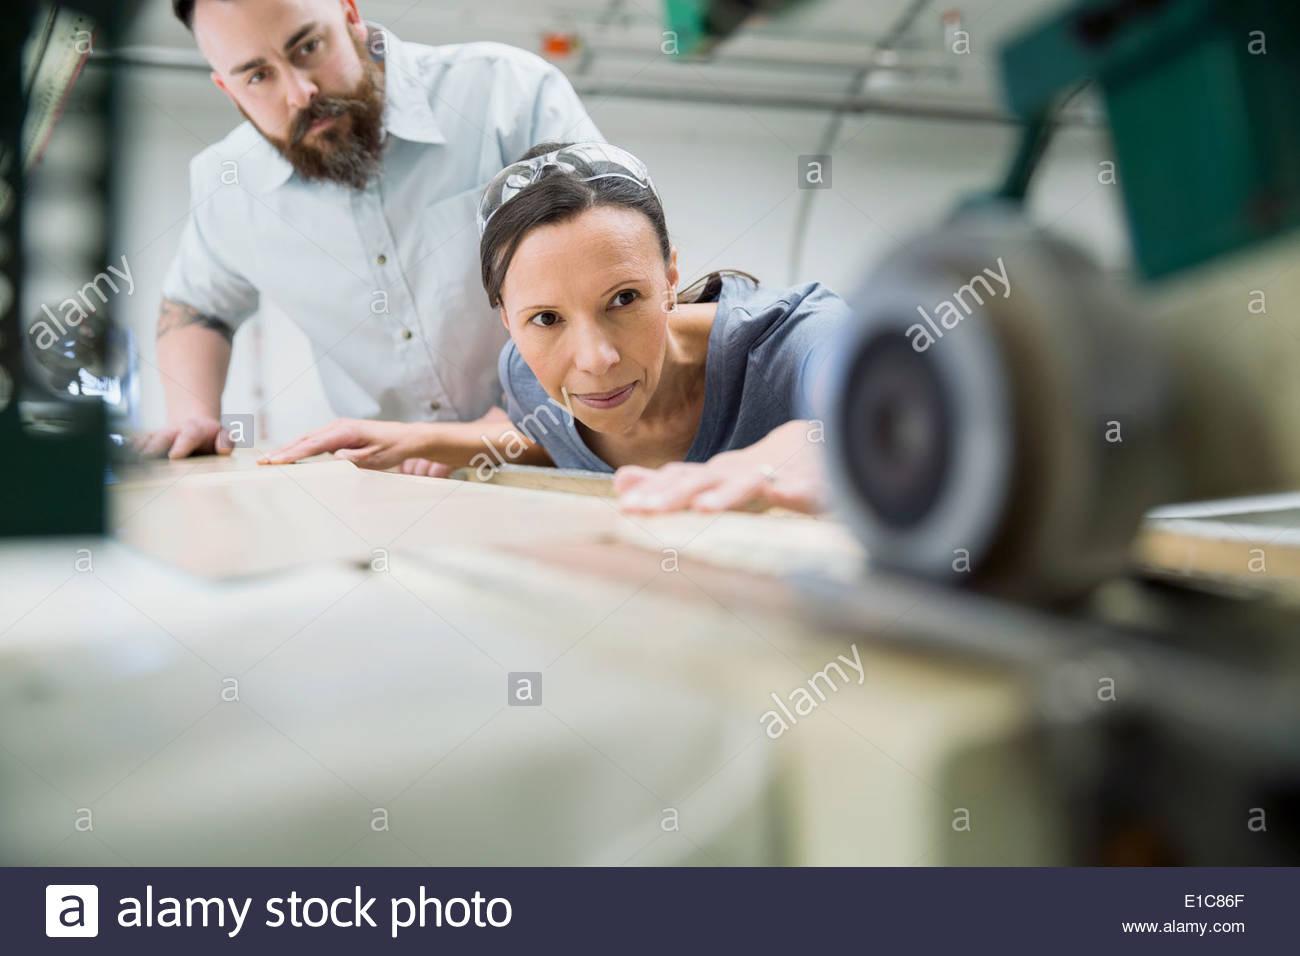 Les travailleurs utilisant des machines dans l'usine de fabrication de textiles Photo Stock